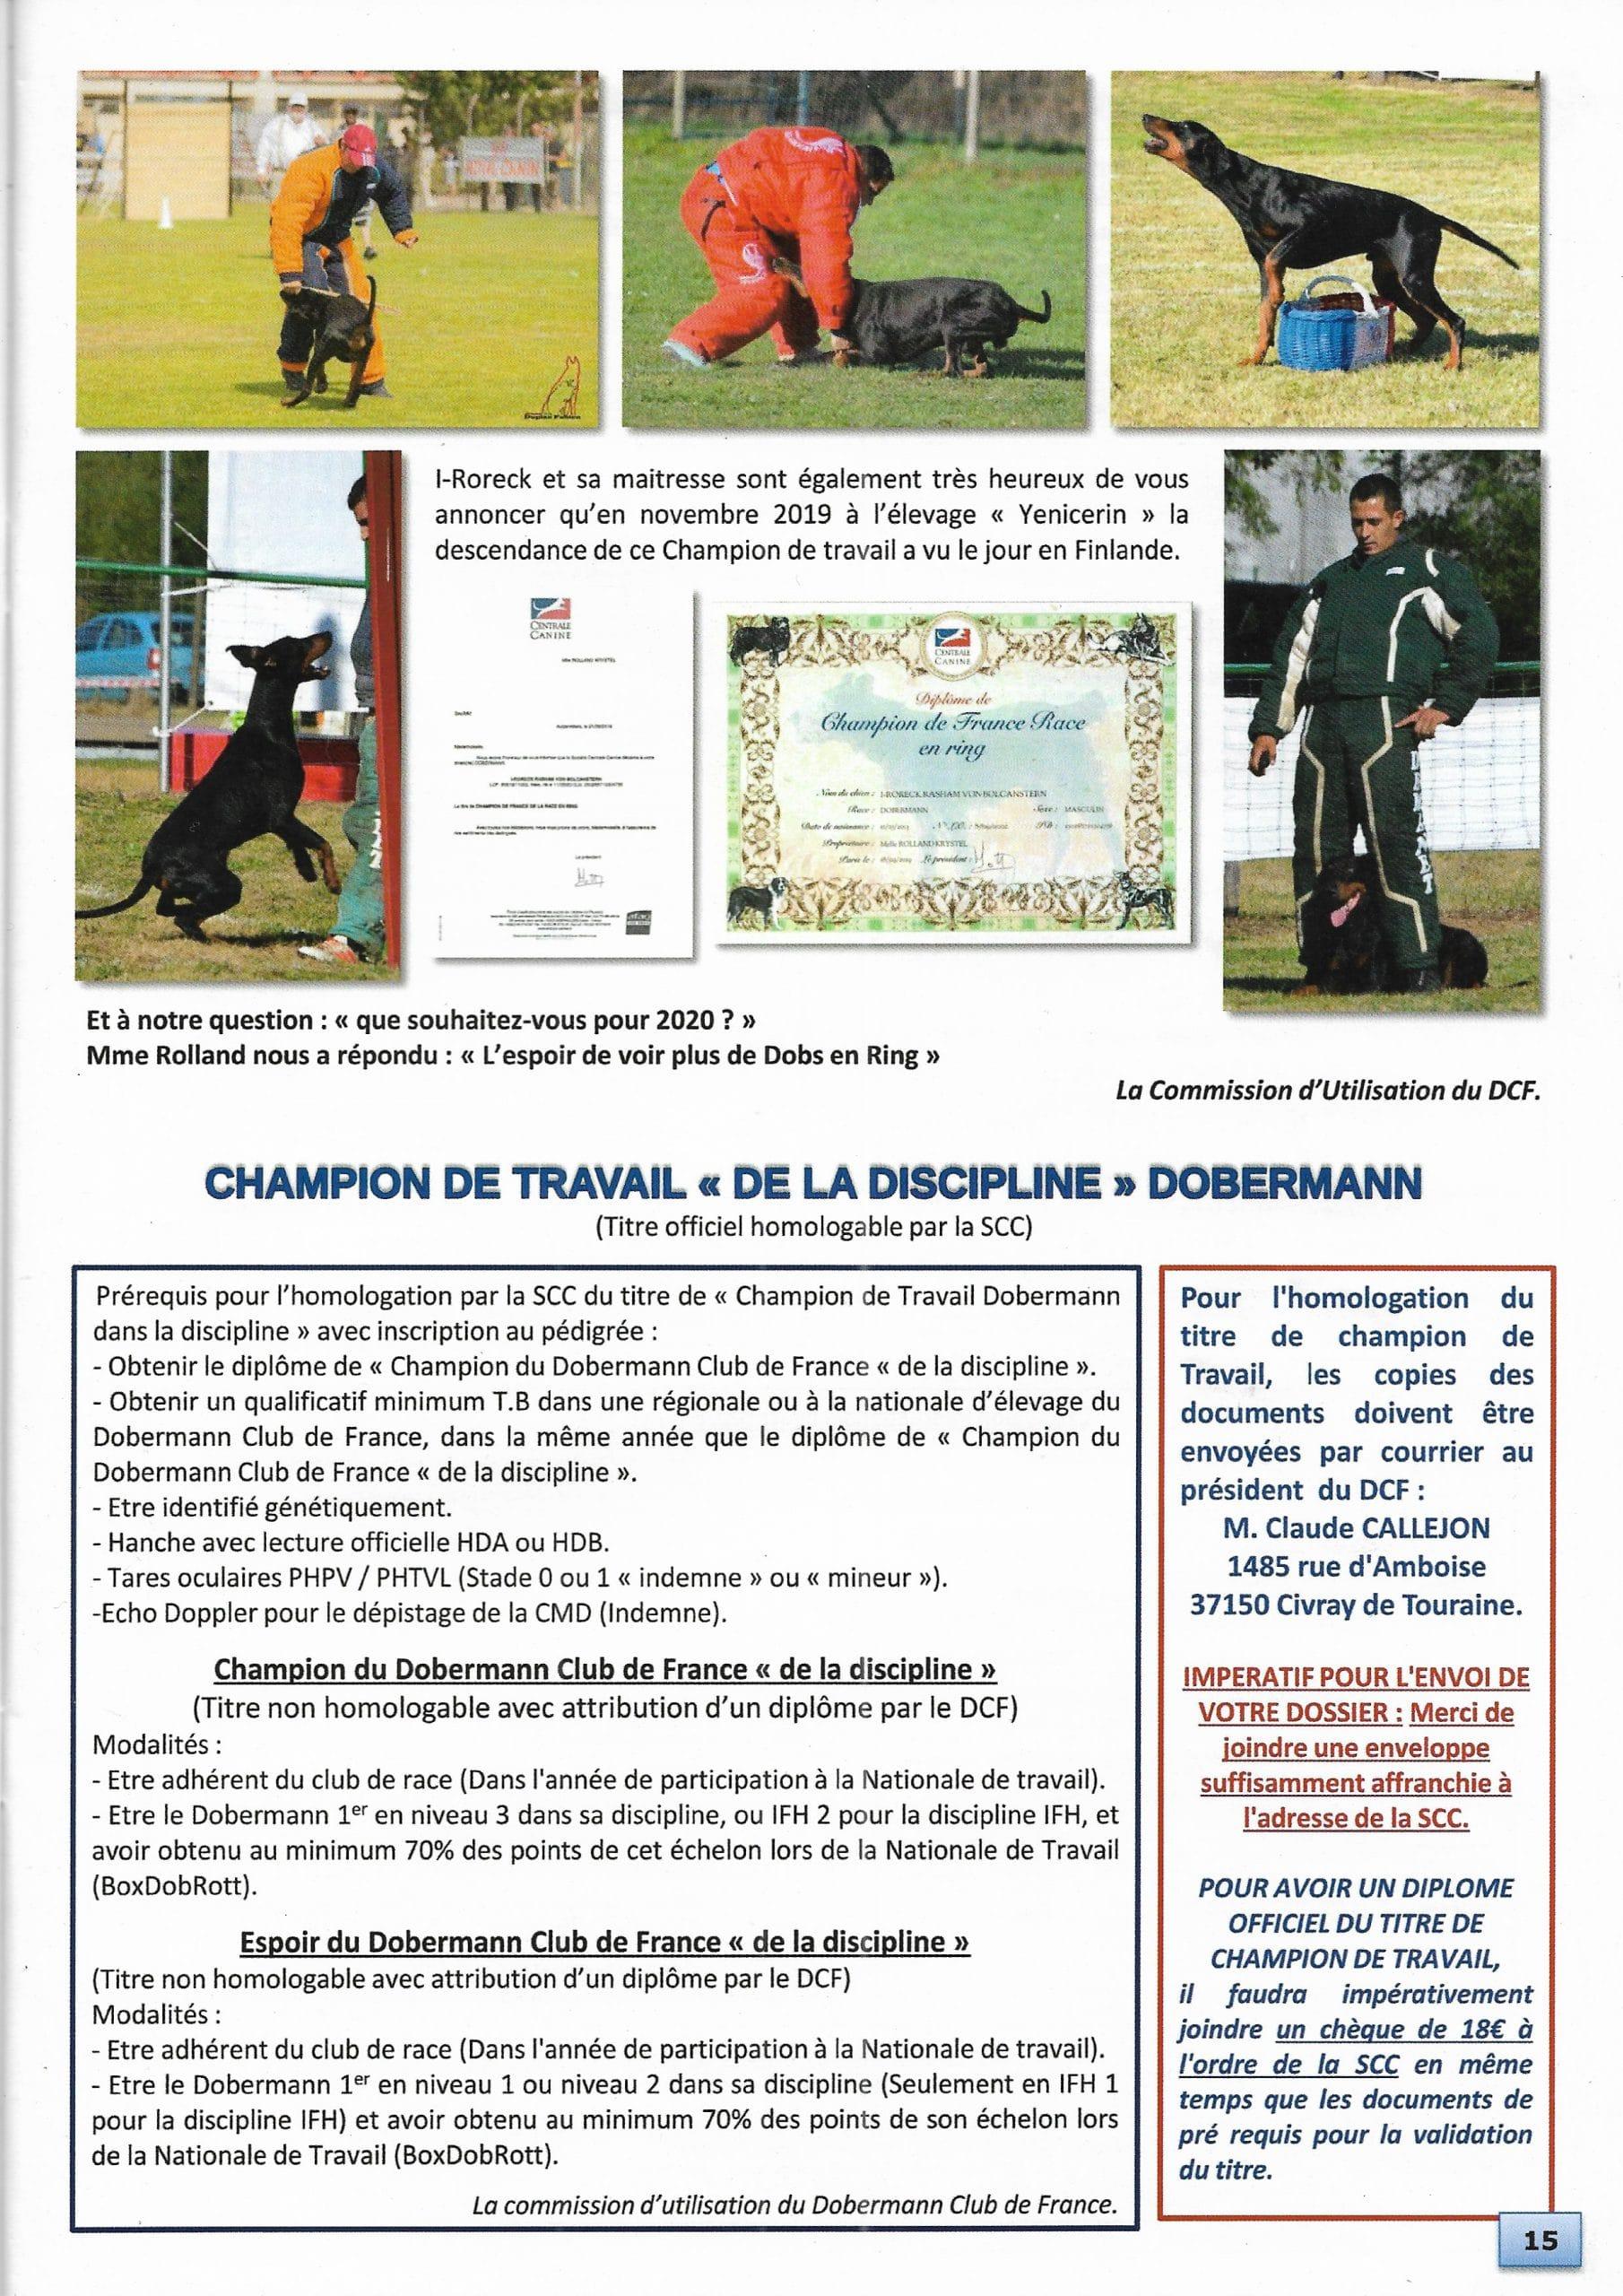 Champion de France Dobermann I-Roreck Rasham von Bolcanstern